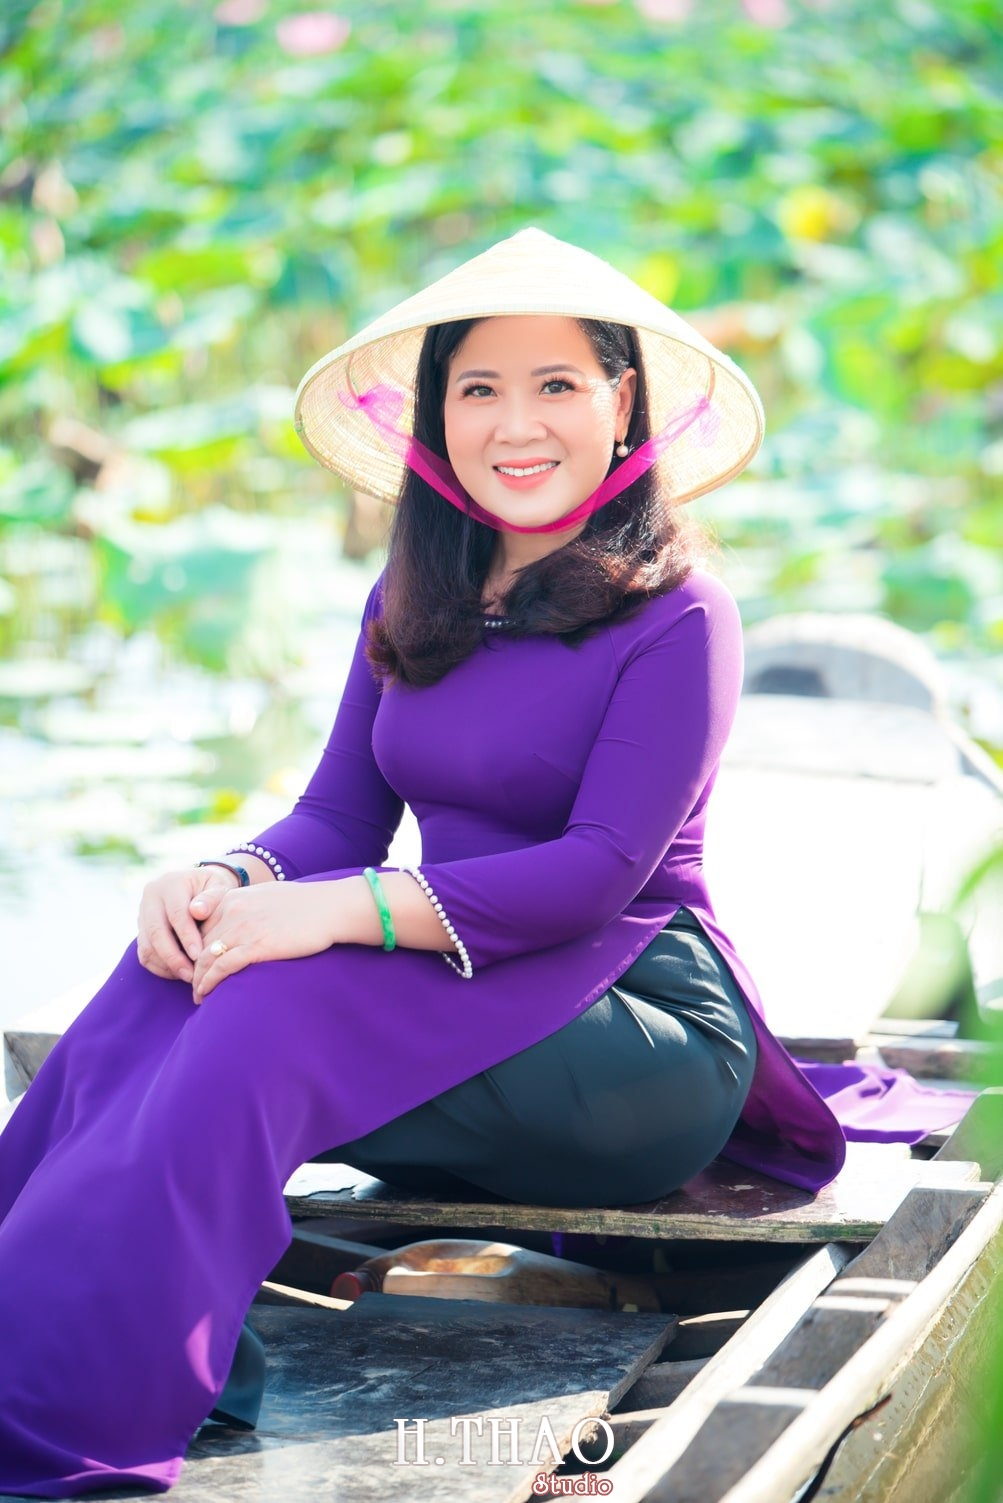 Anh Hoa sen tam da 22 - Bộ ảnh hoa sen với áo dài tím đẹp dễ thương - HThao Studio